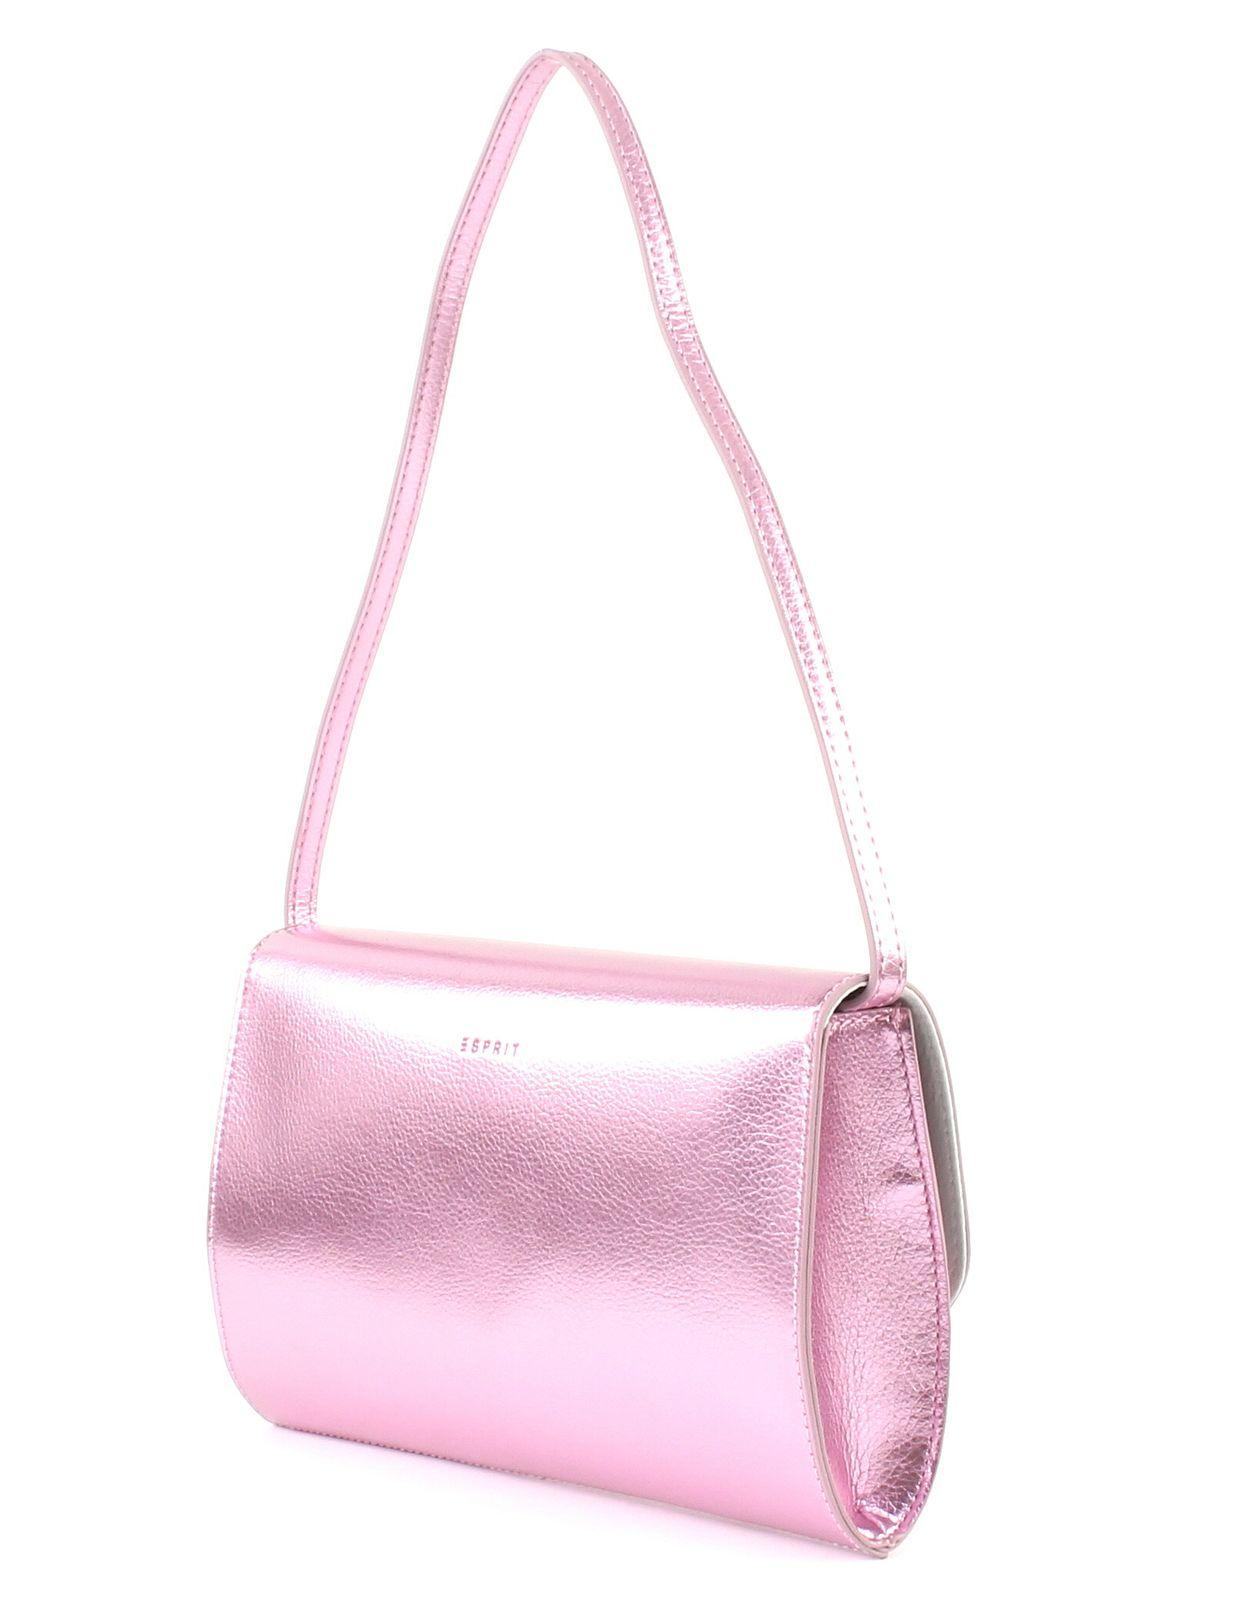 5a6b2c9c83c3f ESPRIT Diva Baguette Clutch Schultertasche Tasche Light Pink Rosa ...